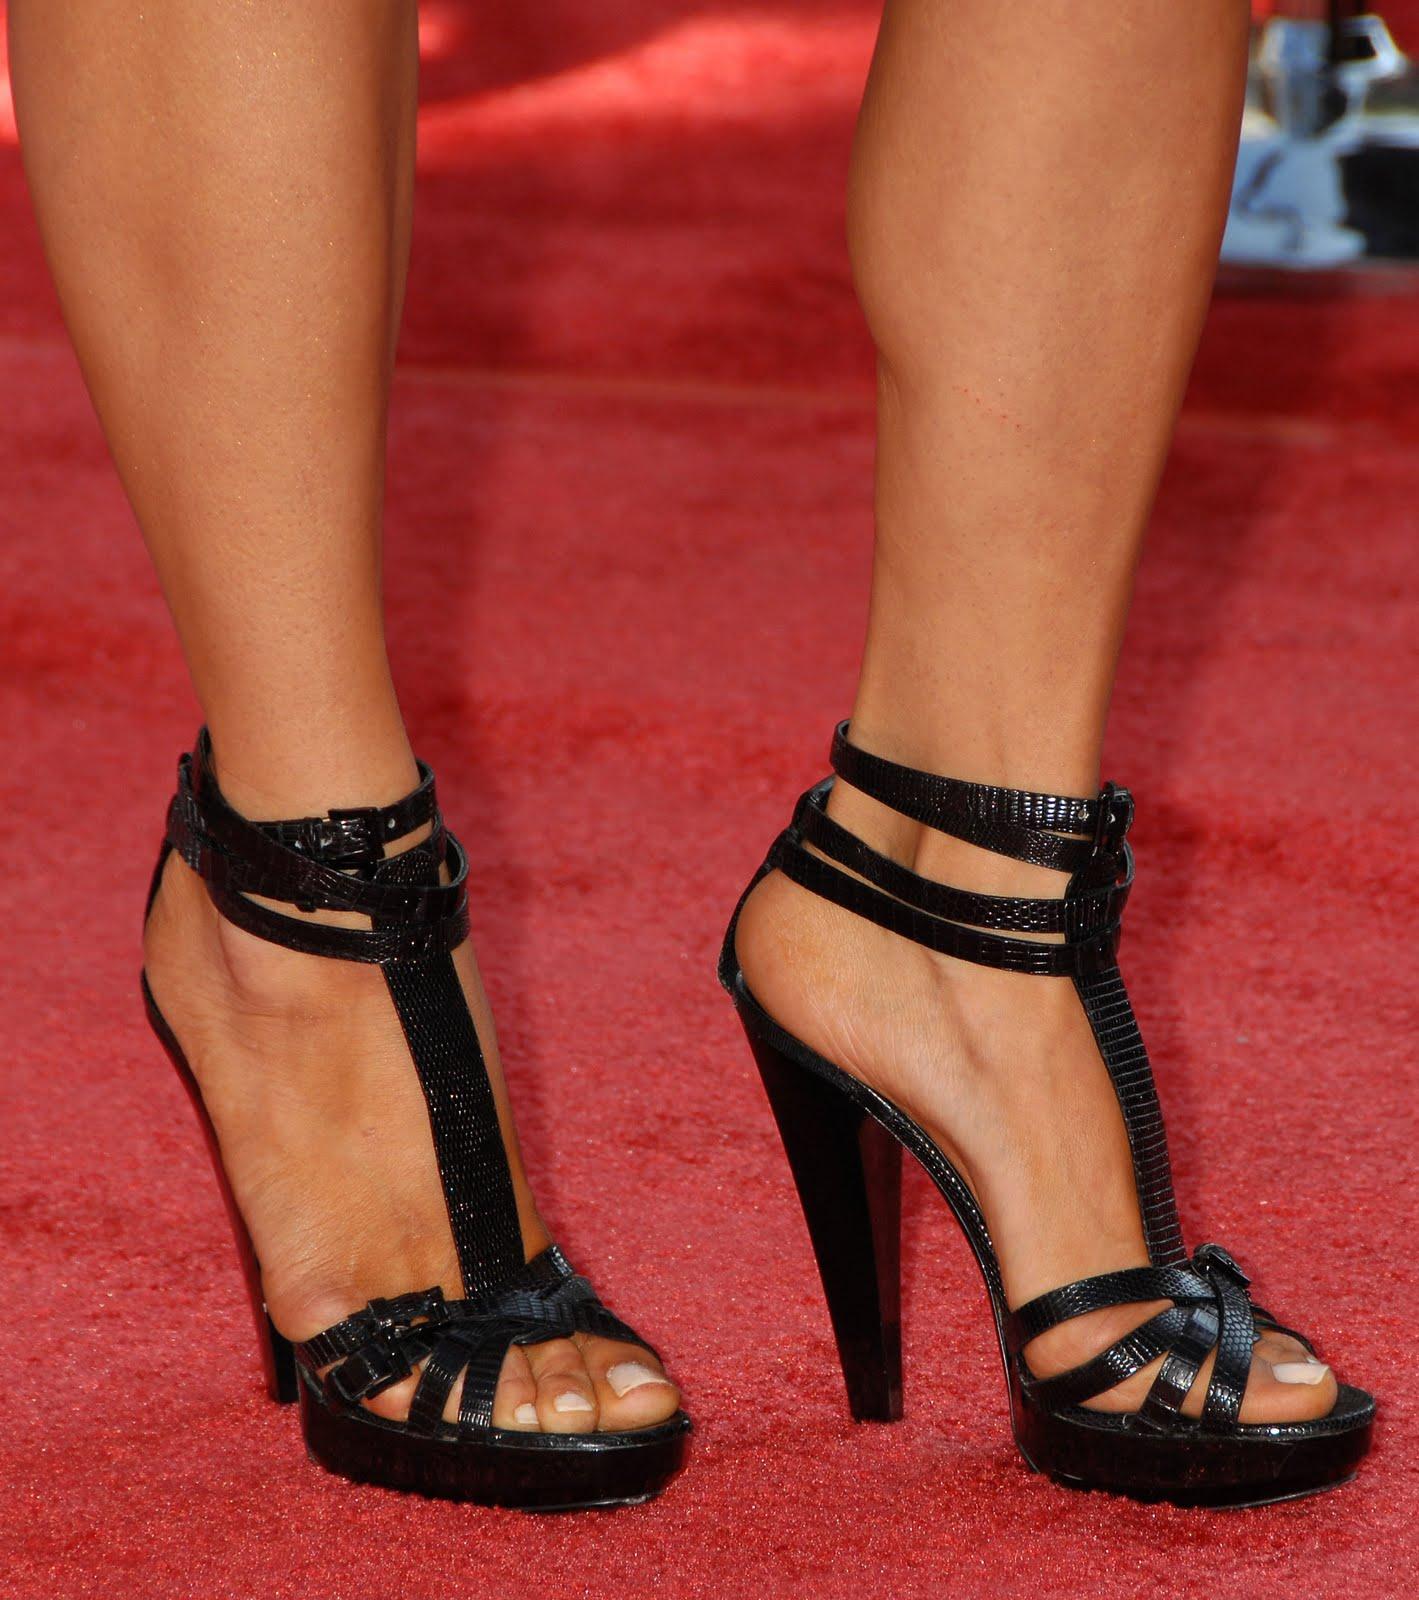 http://2.bp.blogspot.com/_UaLWp72nij4/TAAig1FolII/AAAAAAAANC8/X8IoGMQhvwk/s1600/maria-bello-feet-5.jpg